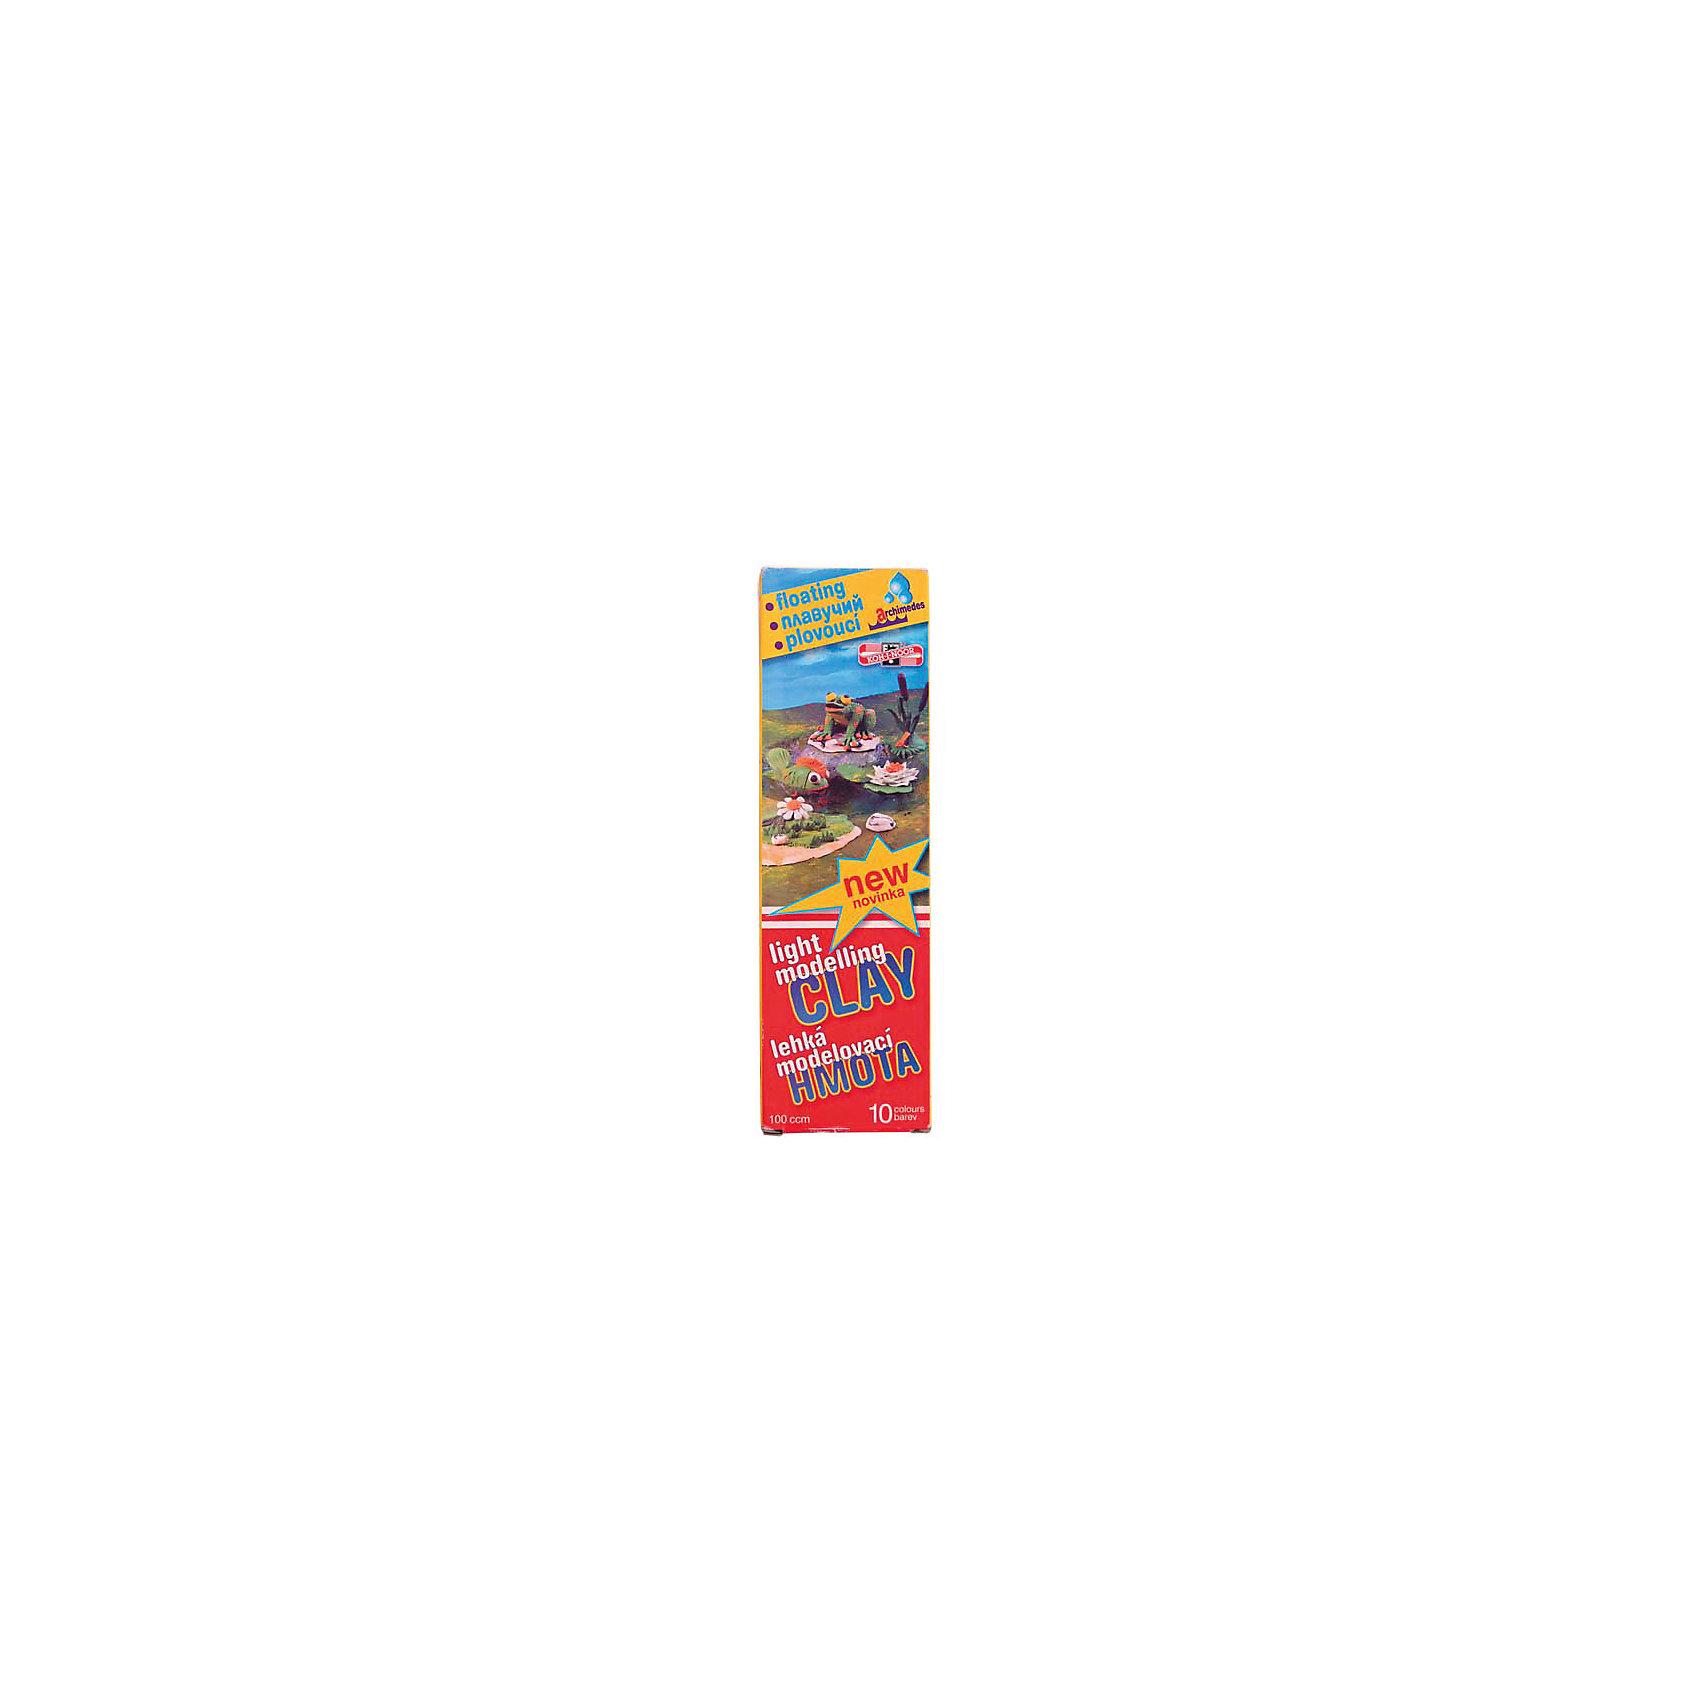 Пластилин Archimedes, KOH-I-NOORПлавающий чешский пластилин пользуется популярностью у школьников и дошкольников. Обладает высокой пластичностью, не имеет запаха и не липнет к рукам. Отличается яркими и насыщенными цветами. Отлично держится на воде благодаря легким наполнителям.<br><br>Дополнительная информация:<br><br>- 10 цветов.<br>- Масса - 90 г.<br>- Размер упаковки: 2,5х20,3х6 см.<br>- Вес в упаковке: 90 г. <br><br>Пластилин Archimedes KOH-I-NOOR  можно  купить в нашем магазине.<br><br>Ширина мм: 25<br>Глубина мм: 203<br>Высота мм: 60<br>Вес г: 90<br>Возраст от месяцев: 72<br>Возраст до месяцев: 2147483647<br>Пол: Унисекс<br>Возраст: Детский<br>SKU: 4792731